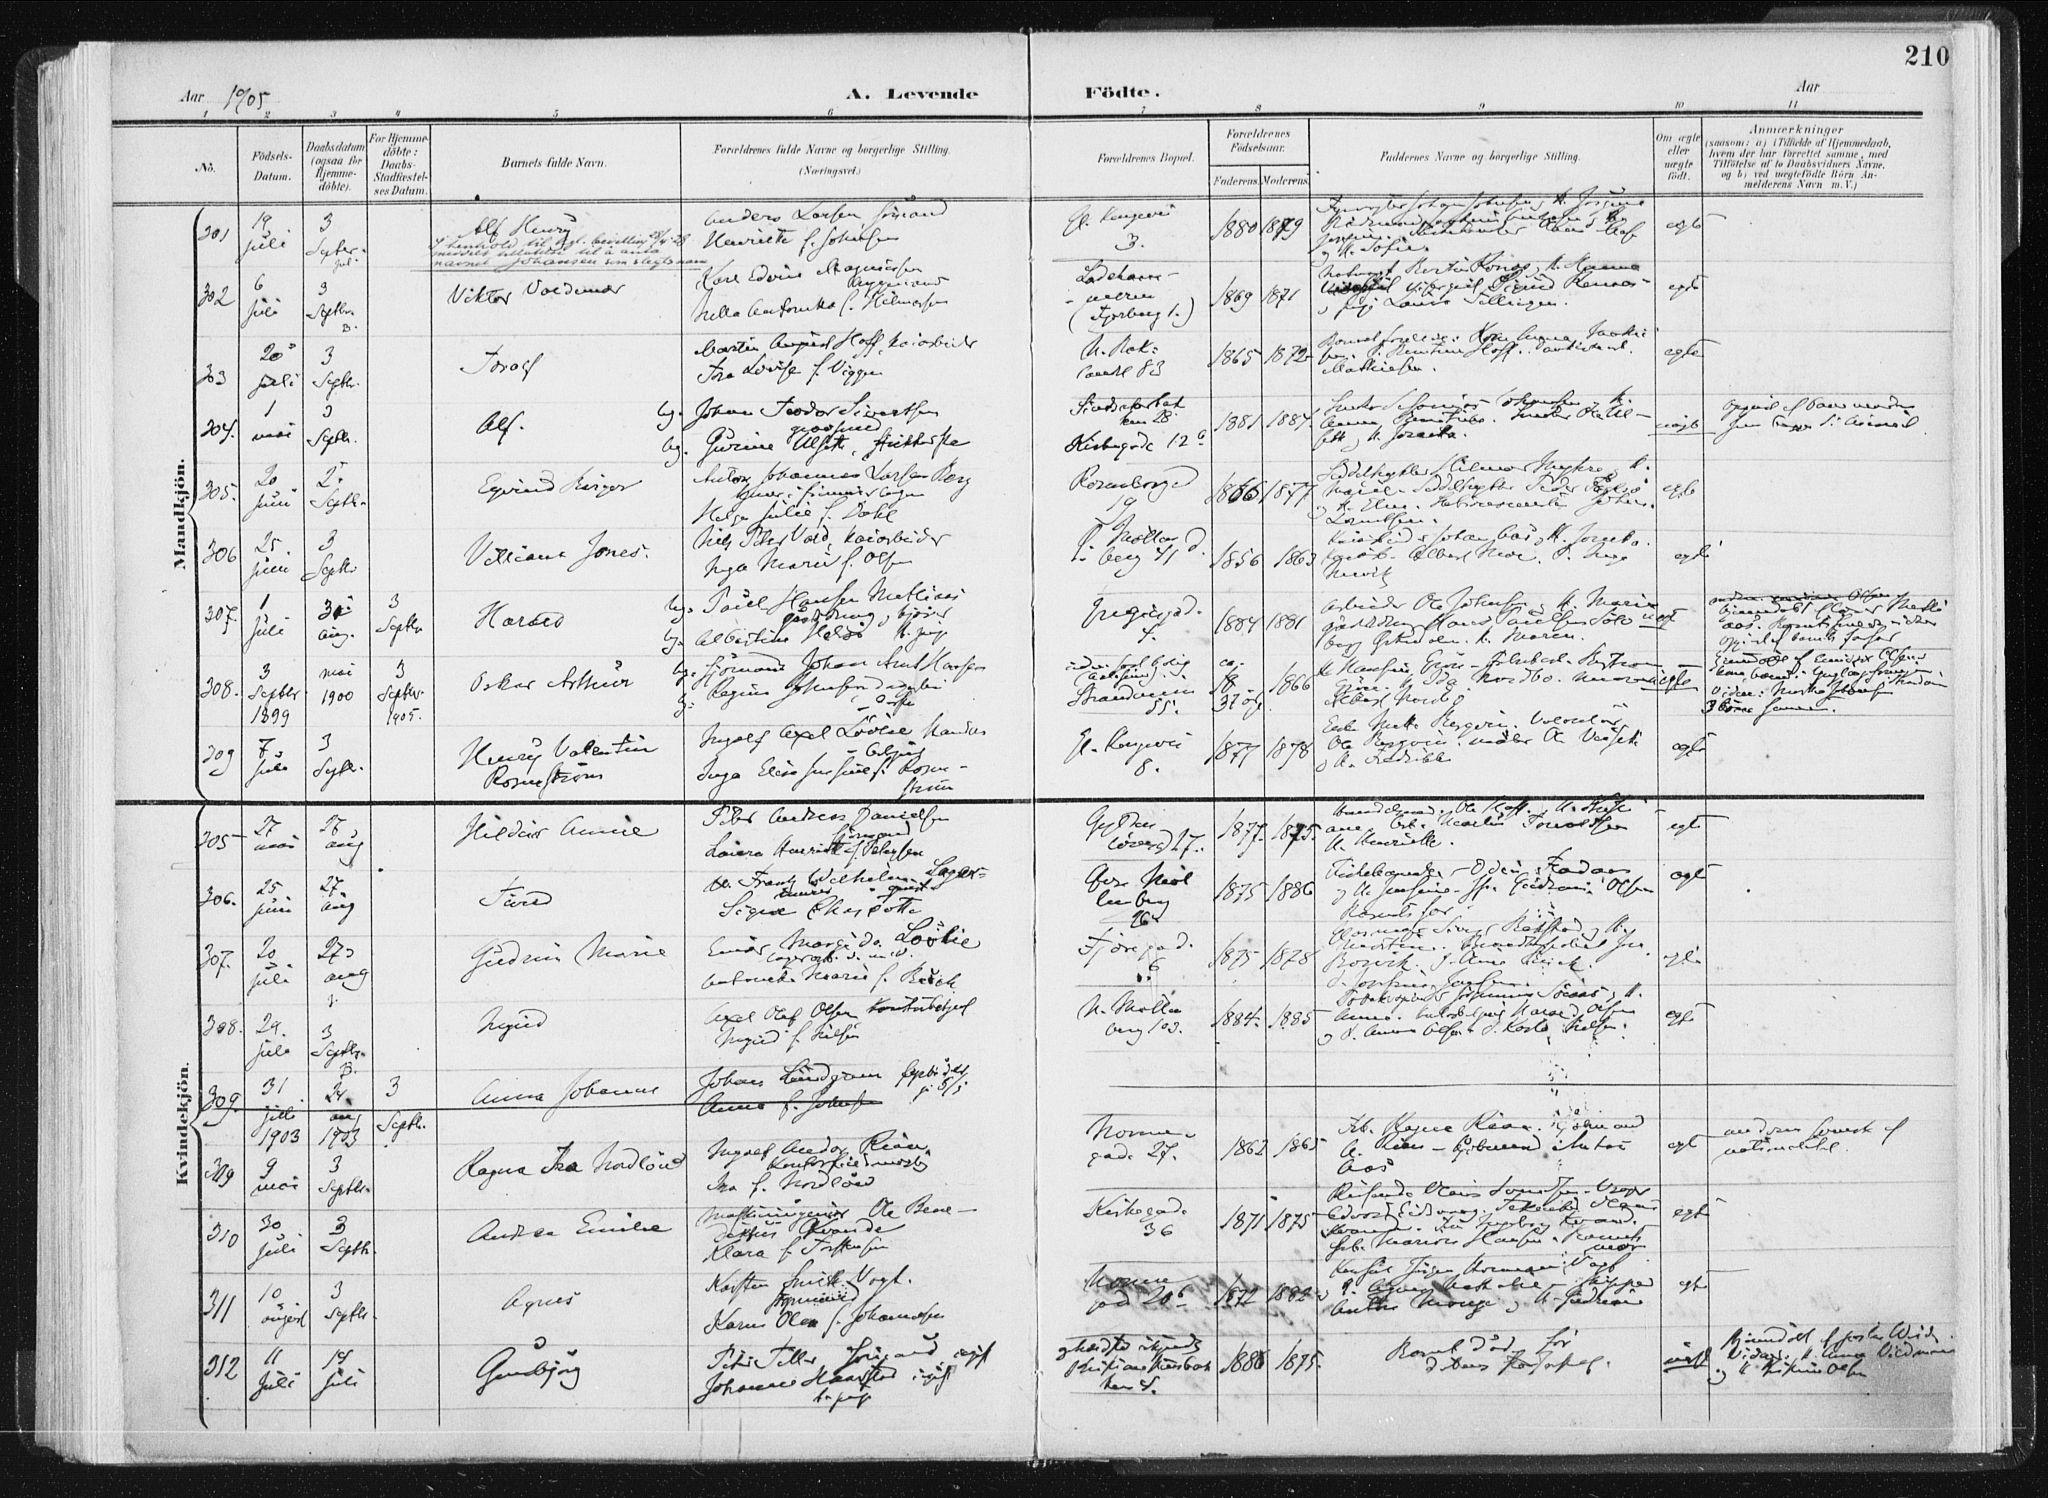 SAT, Ministerialprotokoller, klokkerbøker og fødselsregistre - Sør-Trøndelag, 604/L0199: Ministerialbok nr. 604A20I, 1901-1906, s. 210